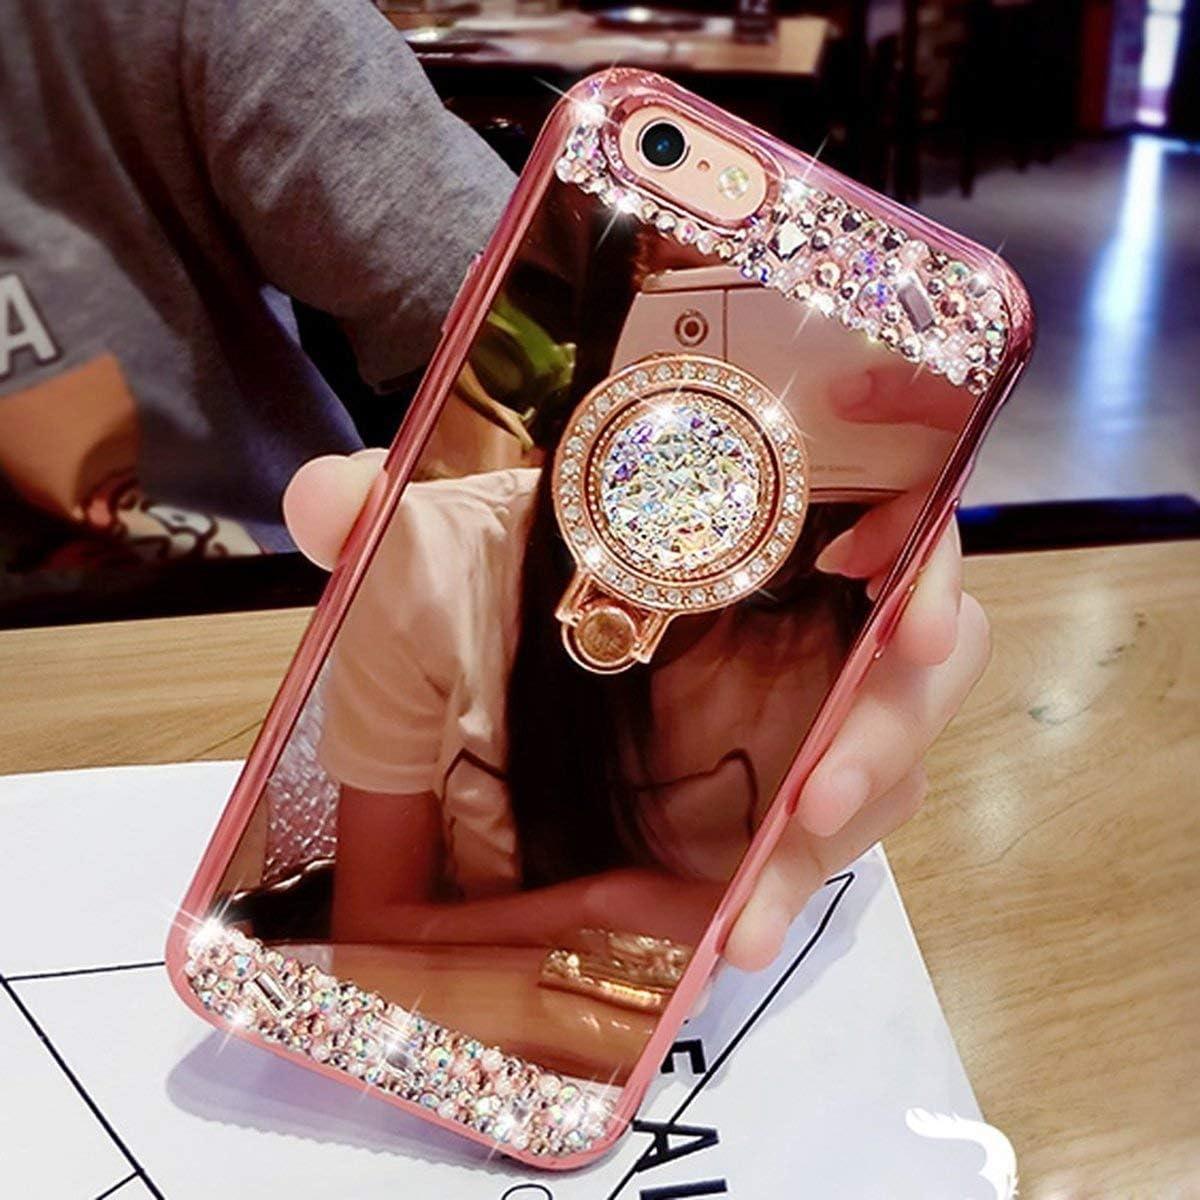 Yobby Miroir Coque pour Samsung Galaxy A70,Etui Samsung Galaxy A70 Or Glitter Paillette Brillante Cristal Housse avec 360 Rotation Bague Anneau Diamant Strass Kickstand